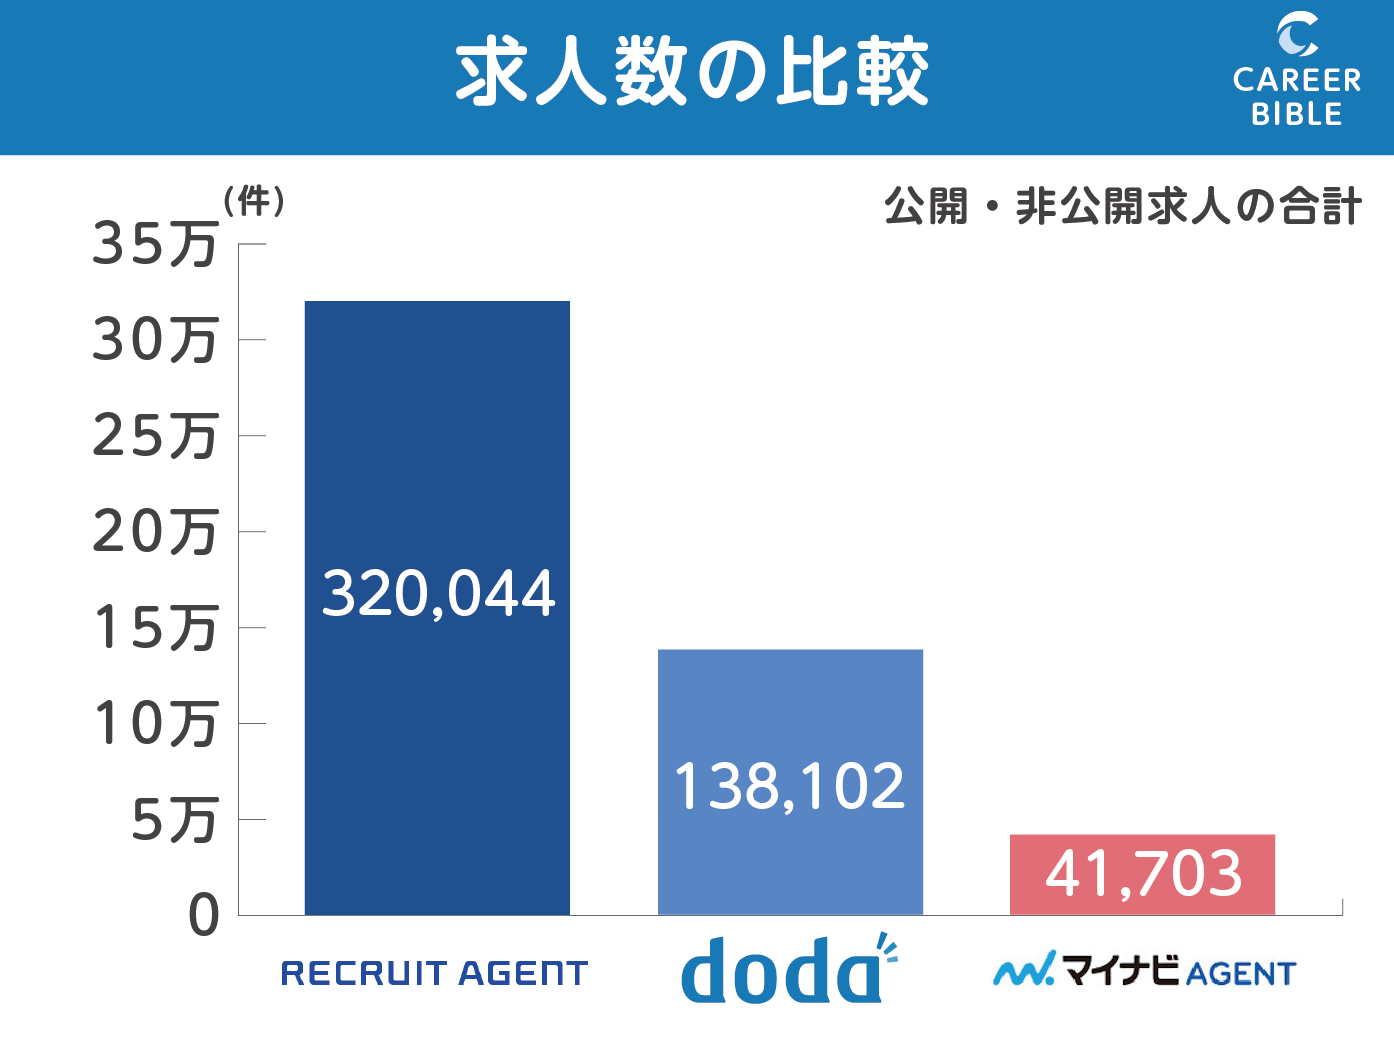 リクルートエージェントとdoda・マイナビエージェントの求人数比較